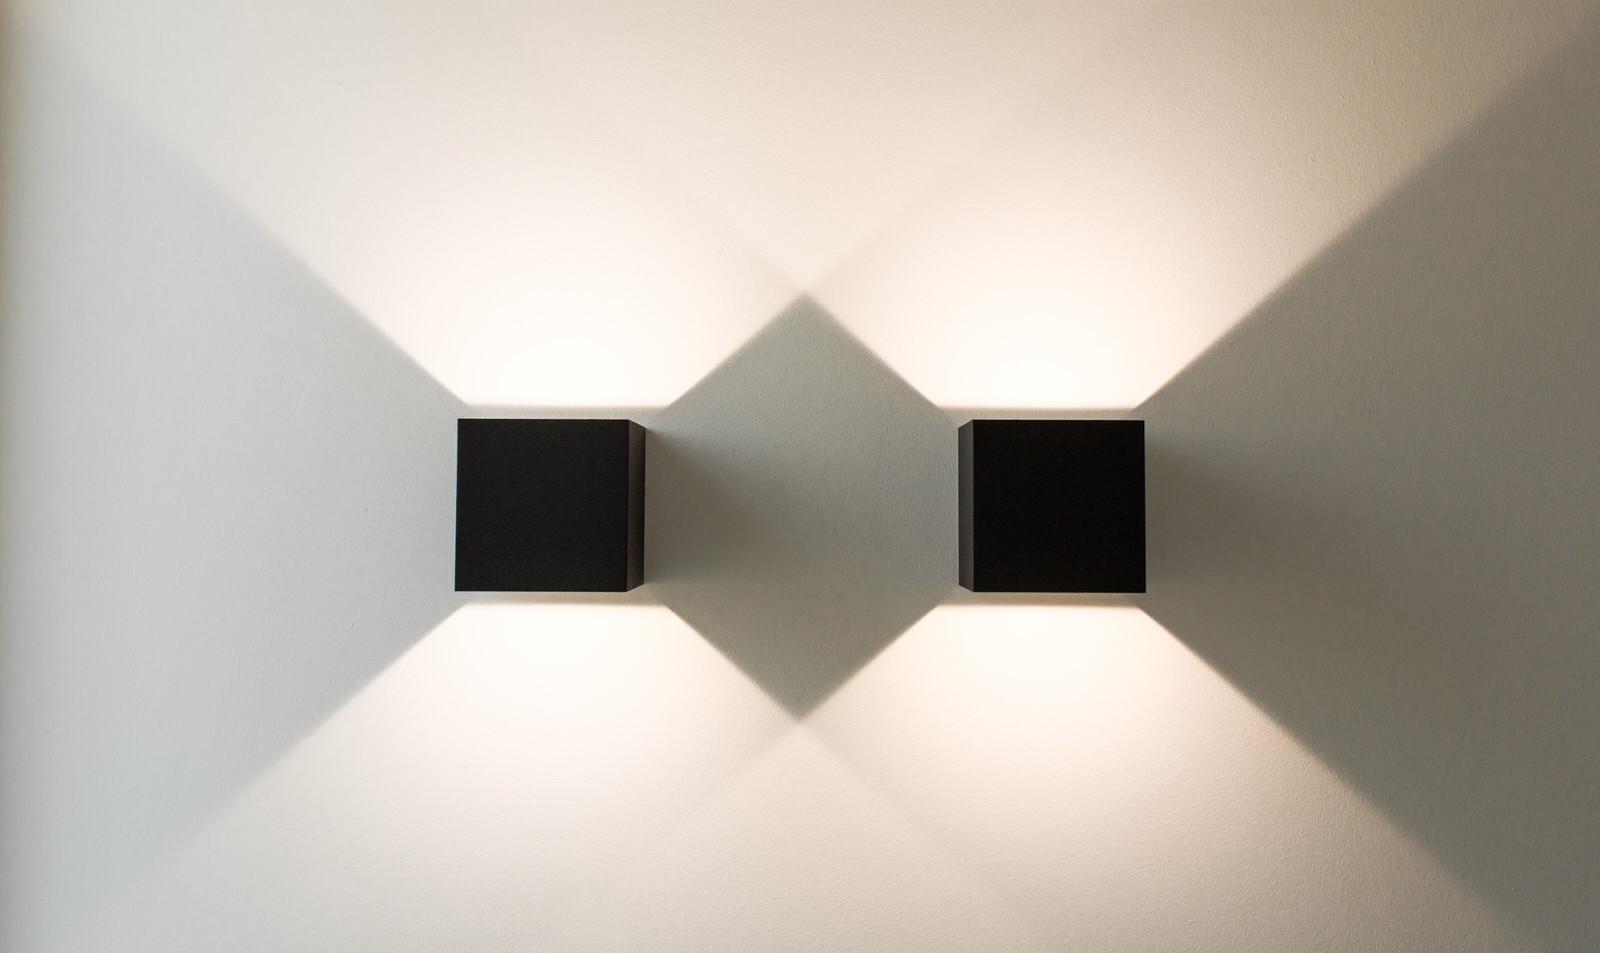 Lichtstudio vd Bosch, Deil-45-1.jpg